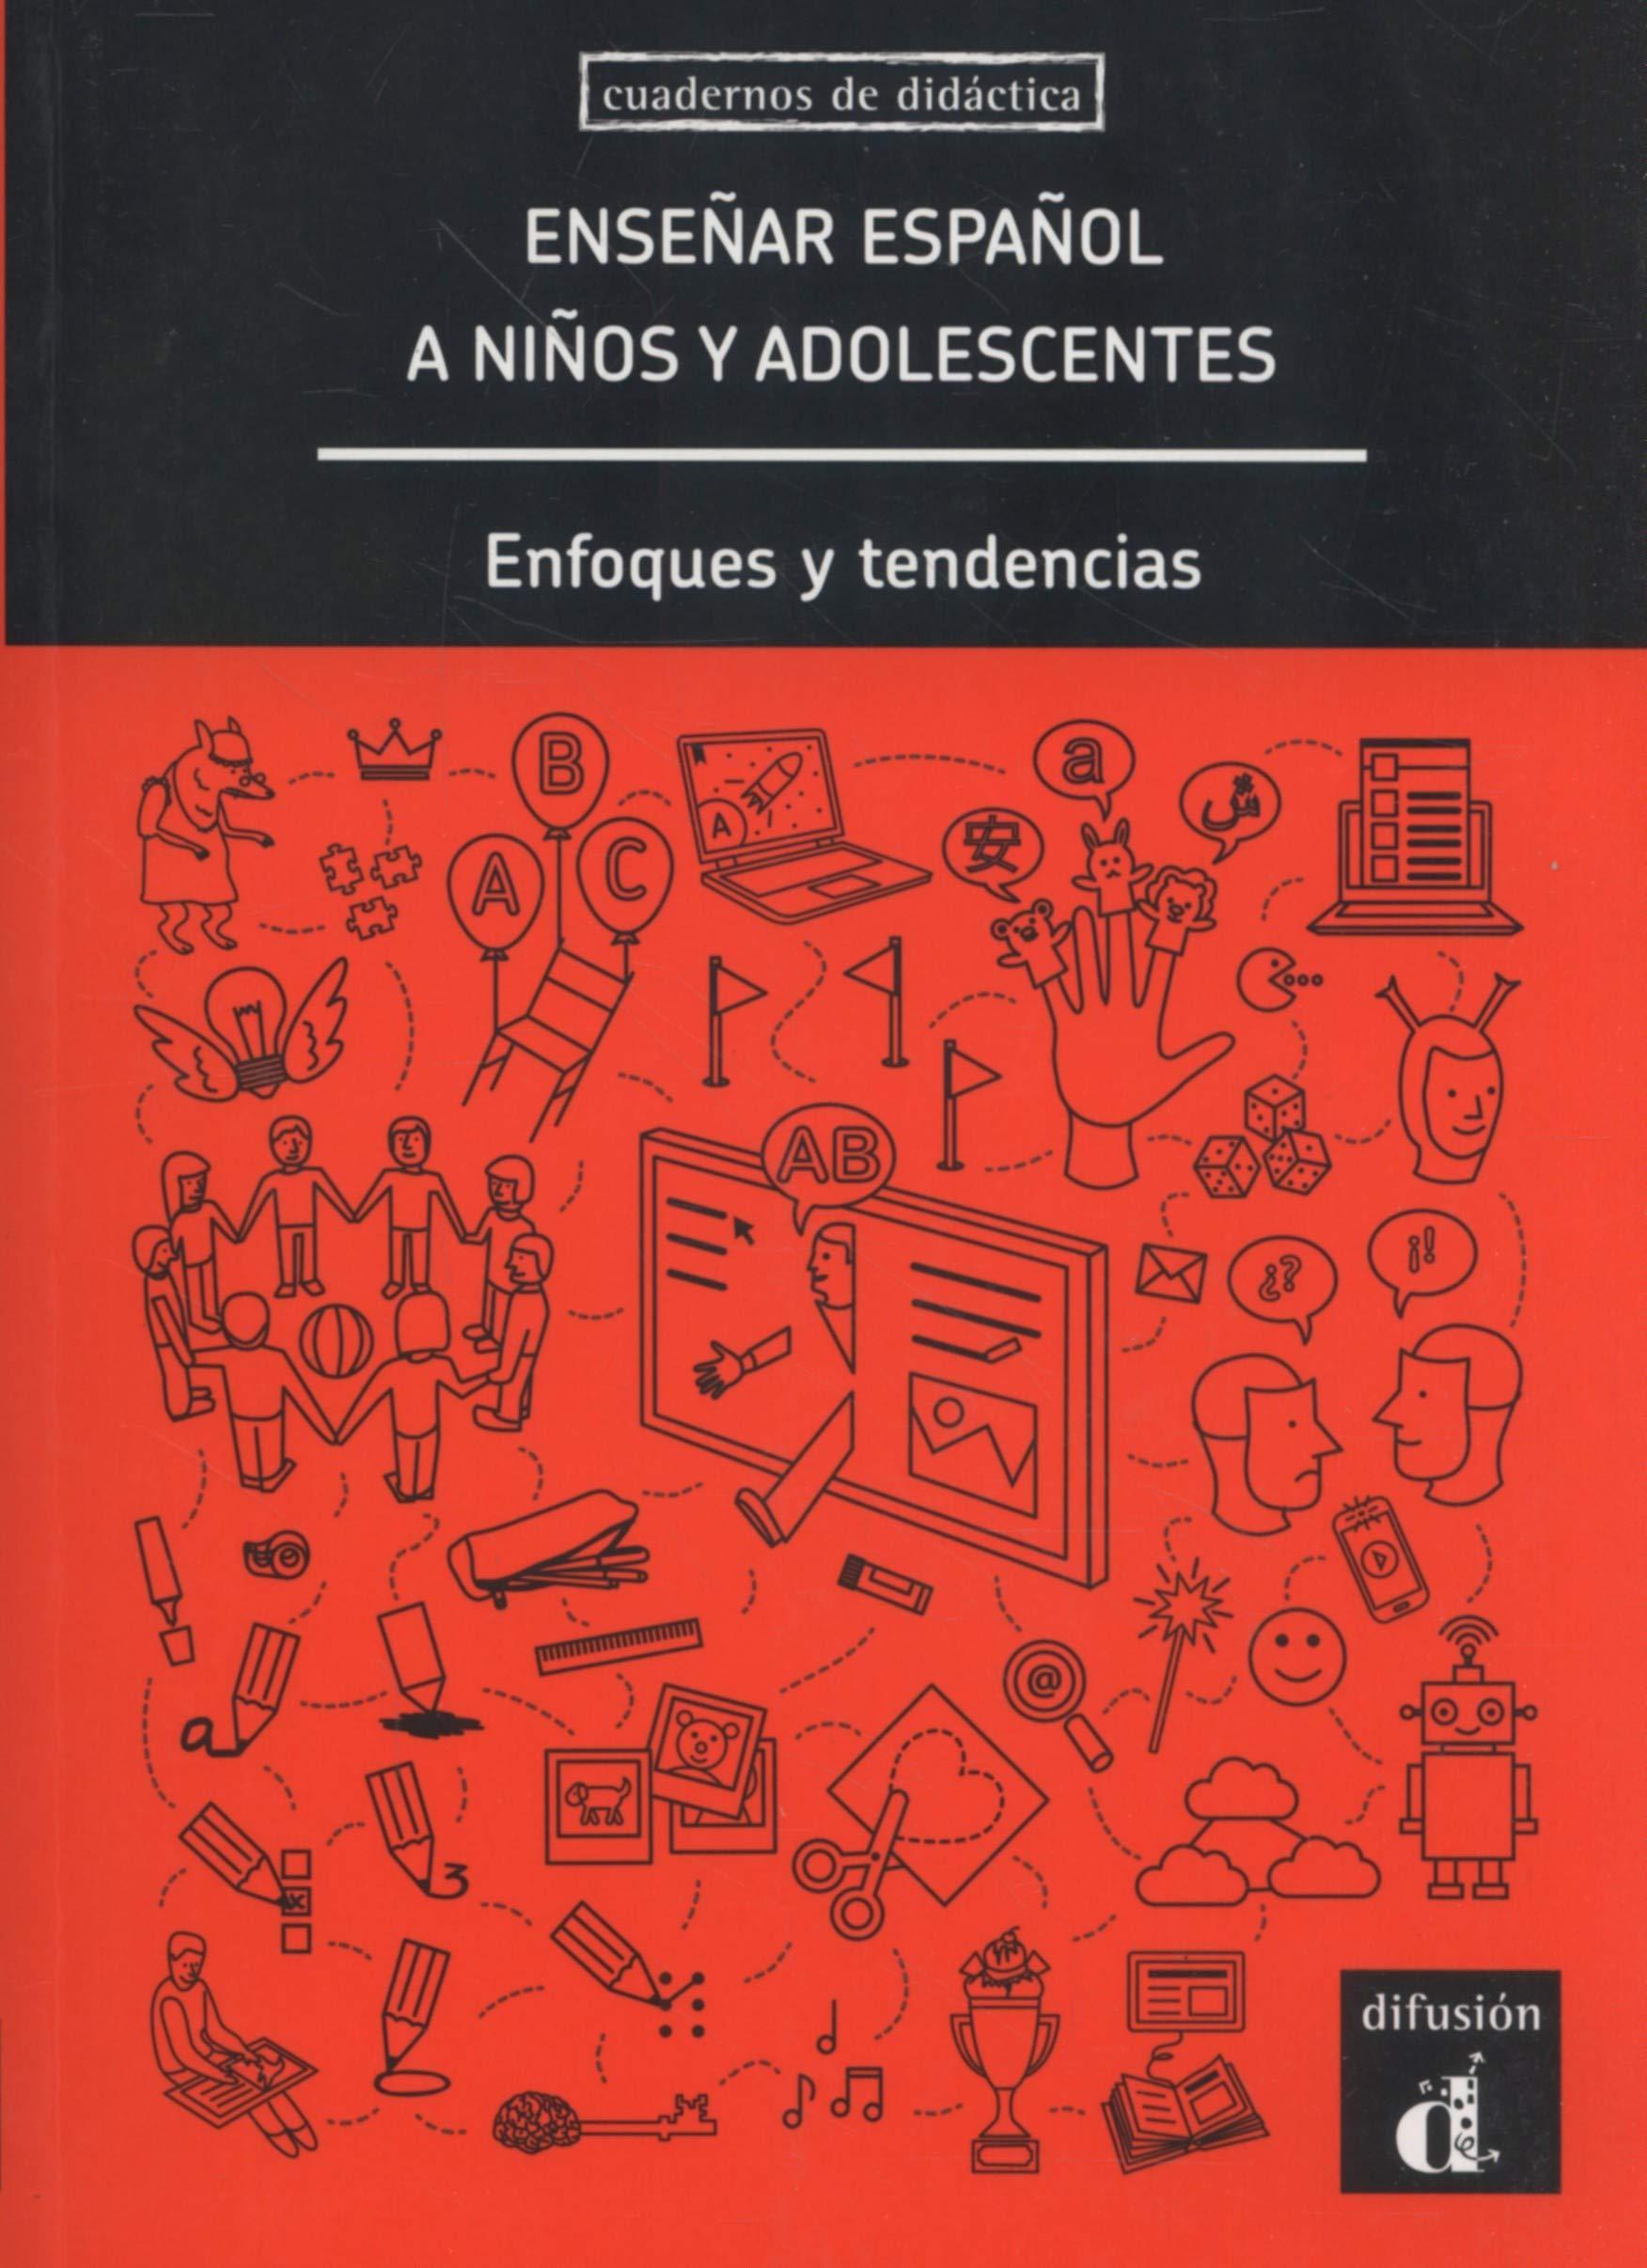 Enseñar español a niños y adolescentes: Enfoques y tendencias Cuadernos de didactica: Amazon.es: Miquel Llobera, Francisco Herrera, Sonia Eusebio, ...